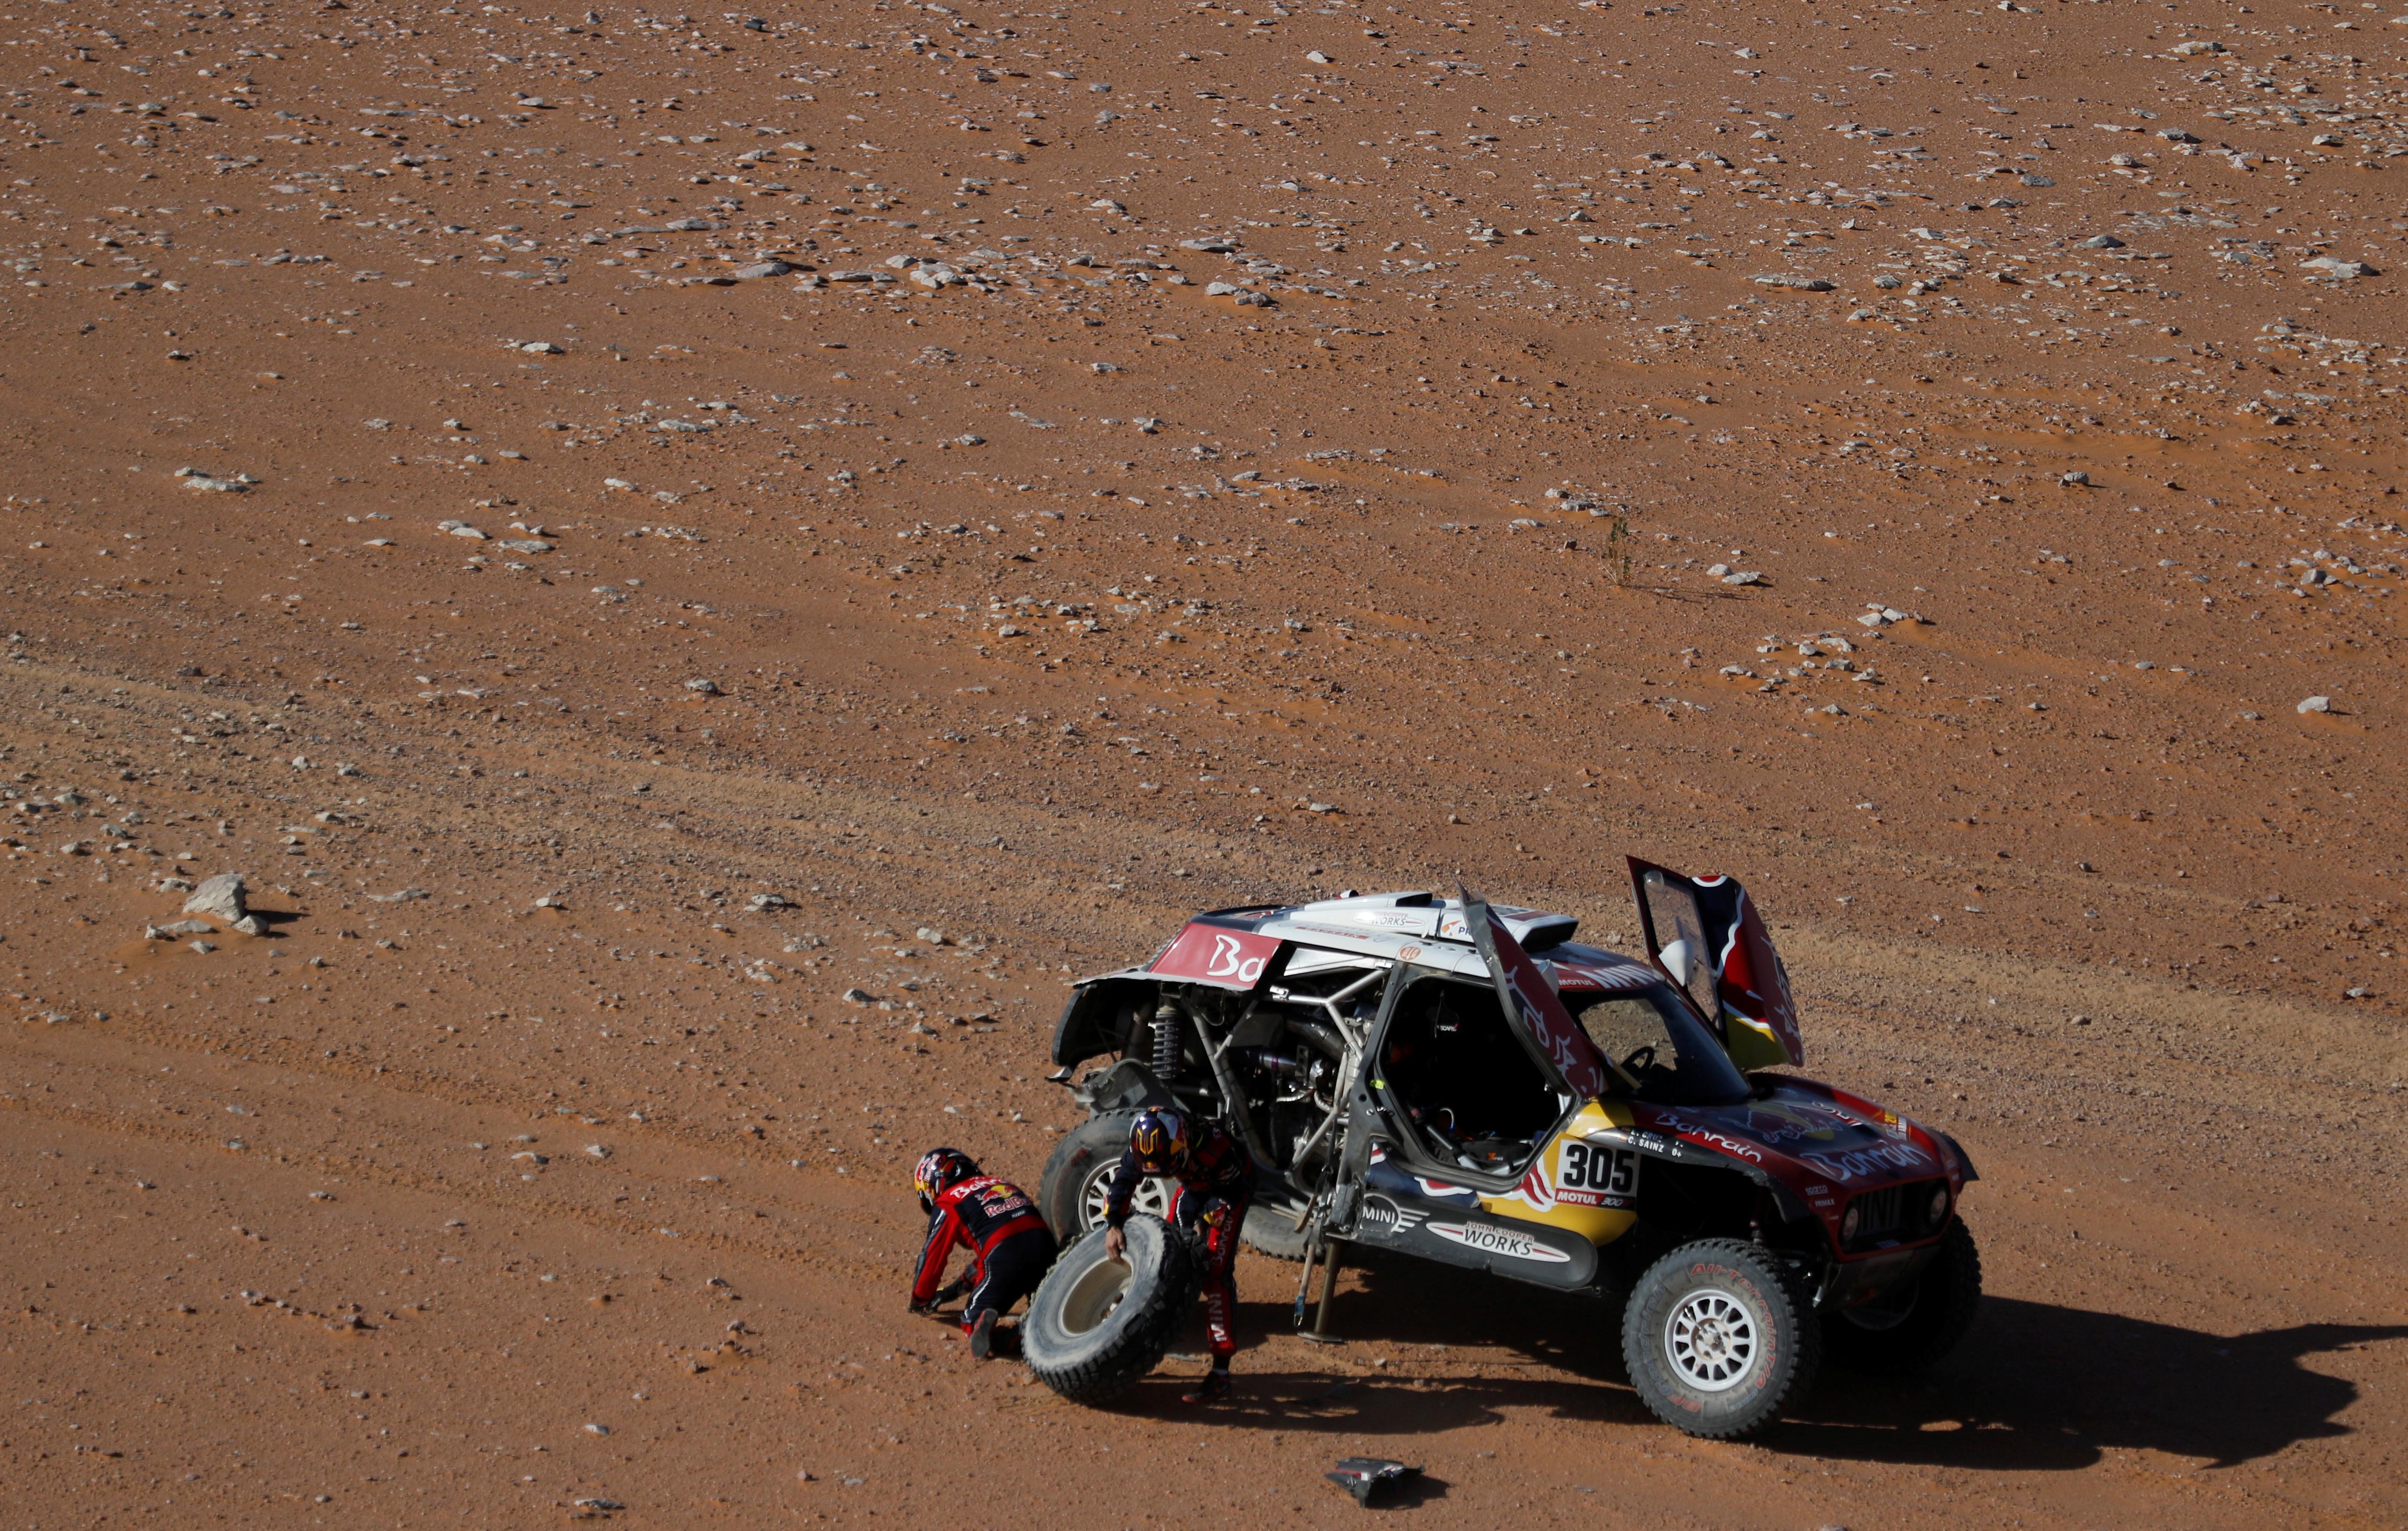 Por culpa de un neumático hecho trizas, sumado a un pequeño despiste al inicio de la etapa, Sainz perdió prácticamente toda la renta que tenía ganada respecto al qatarí Nasser Al Attiyah (Toyota), que hace dos días era de diez minutos y ahora se vio reducida a la mínima expresión, solo 24 segundos